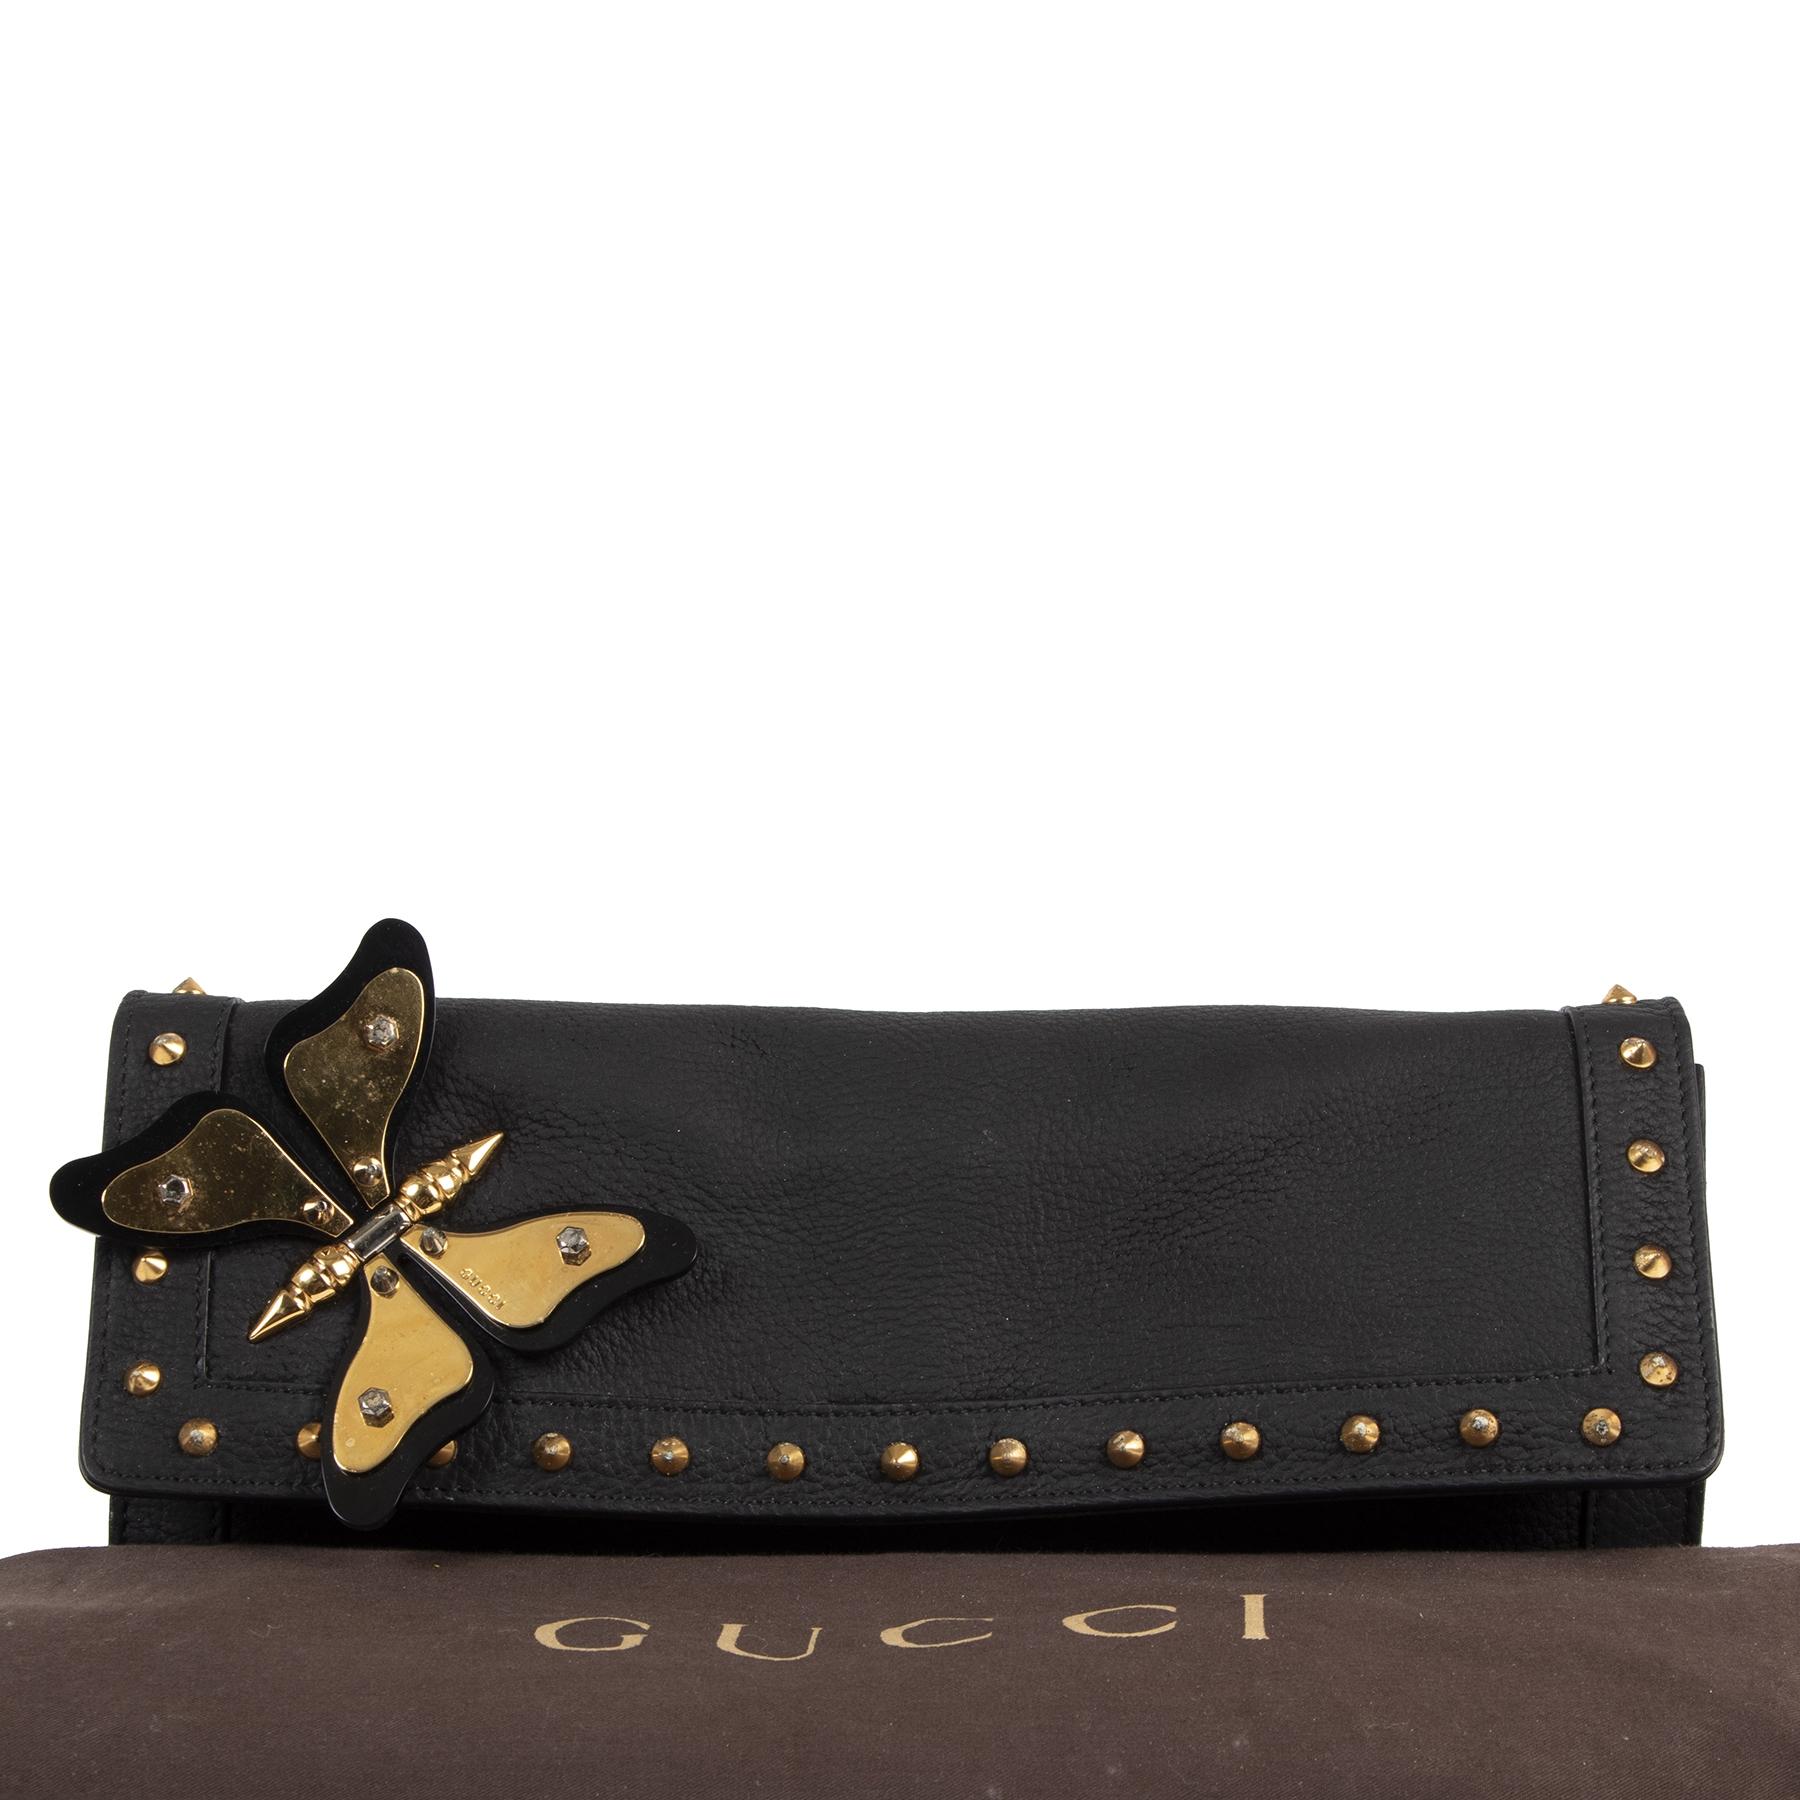 Authentique seconde-main vintage Gucci Black Leather Broadway Butterfly Clutch achète en ligne webshop LabelLOV Belgique